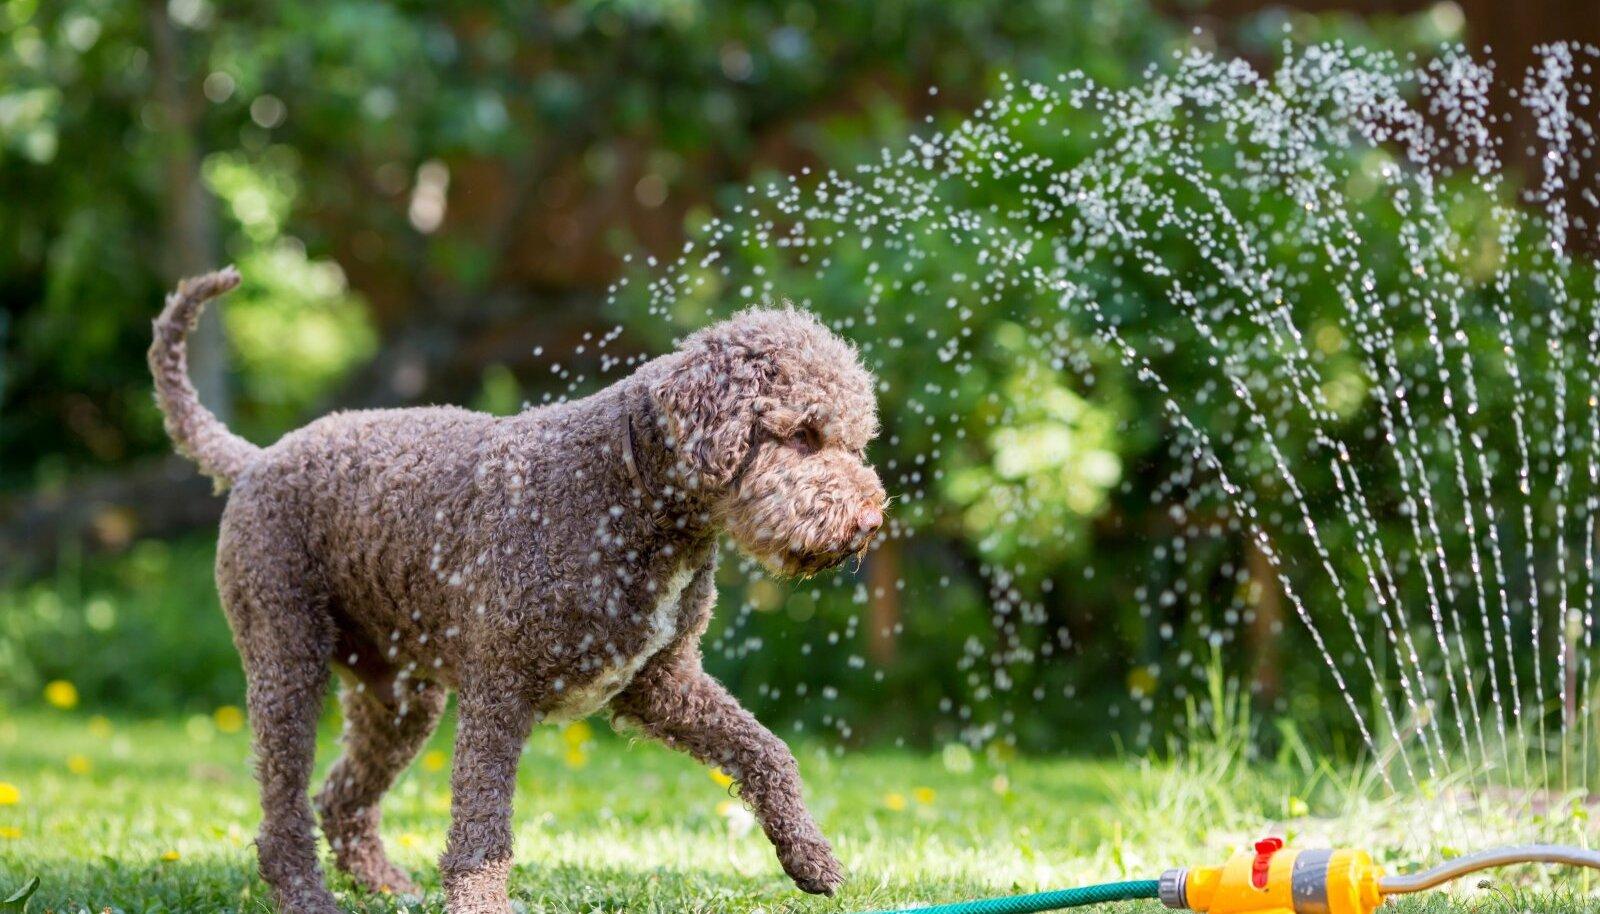 Kui lemmikloomale meeldib vesi, saab teda ülekuumenemise vastu veega jahutada.